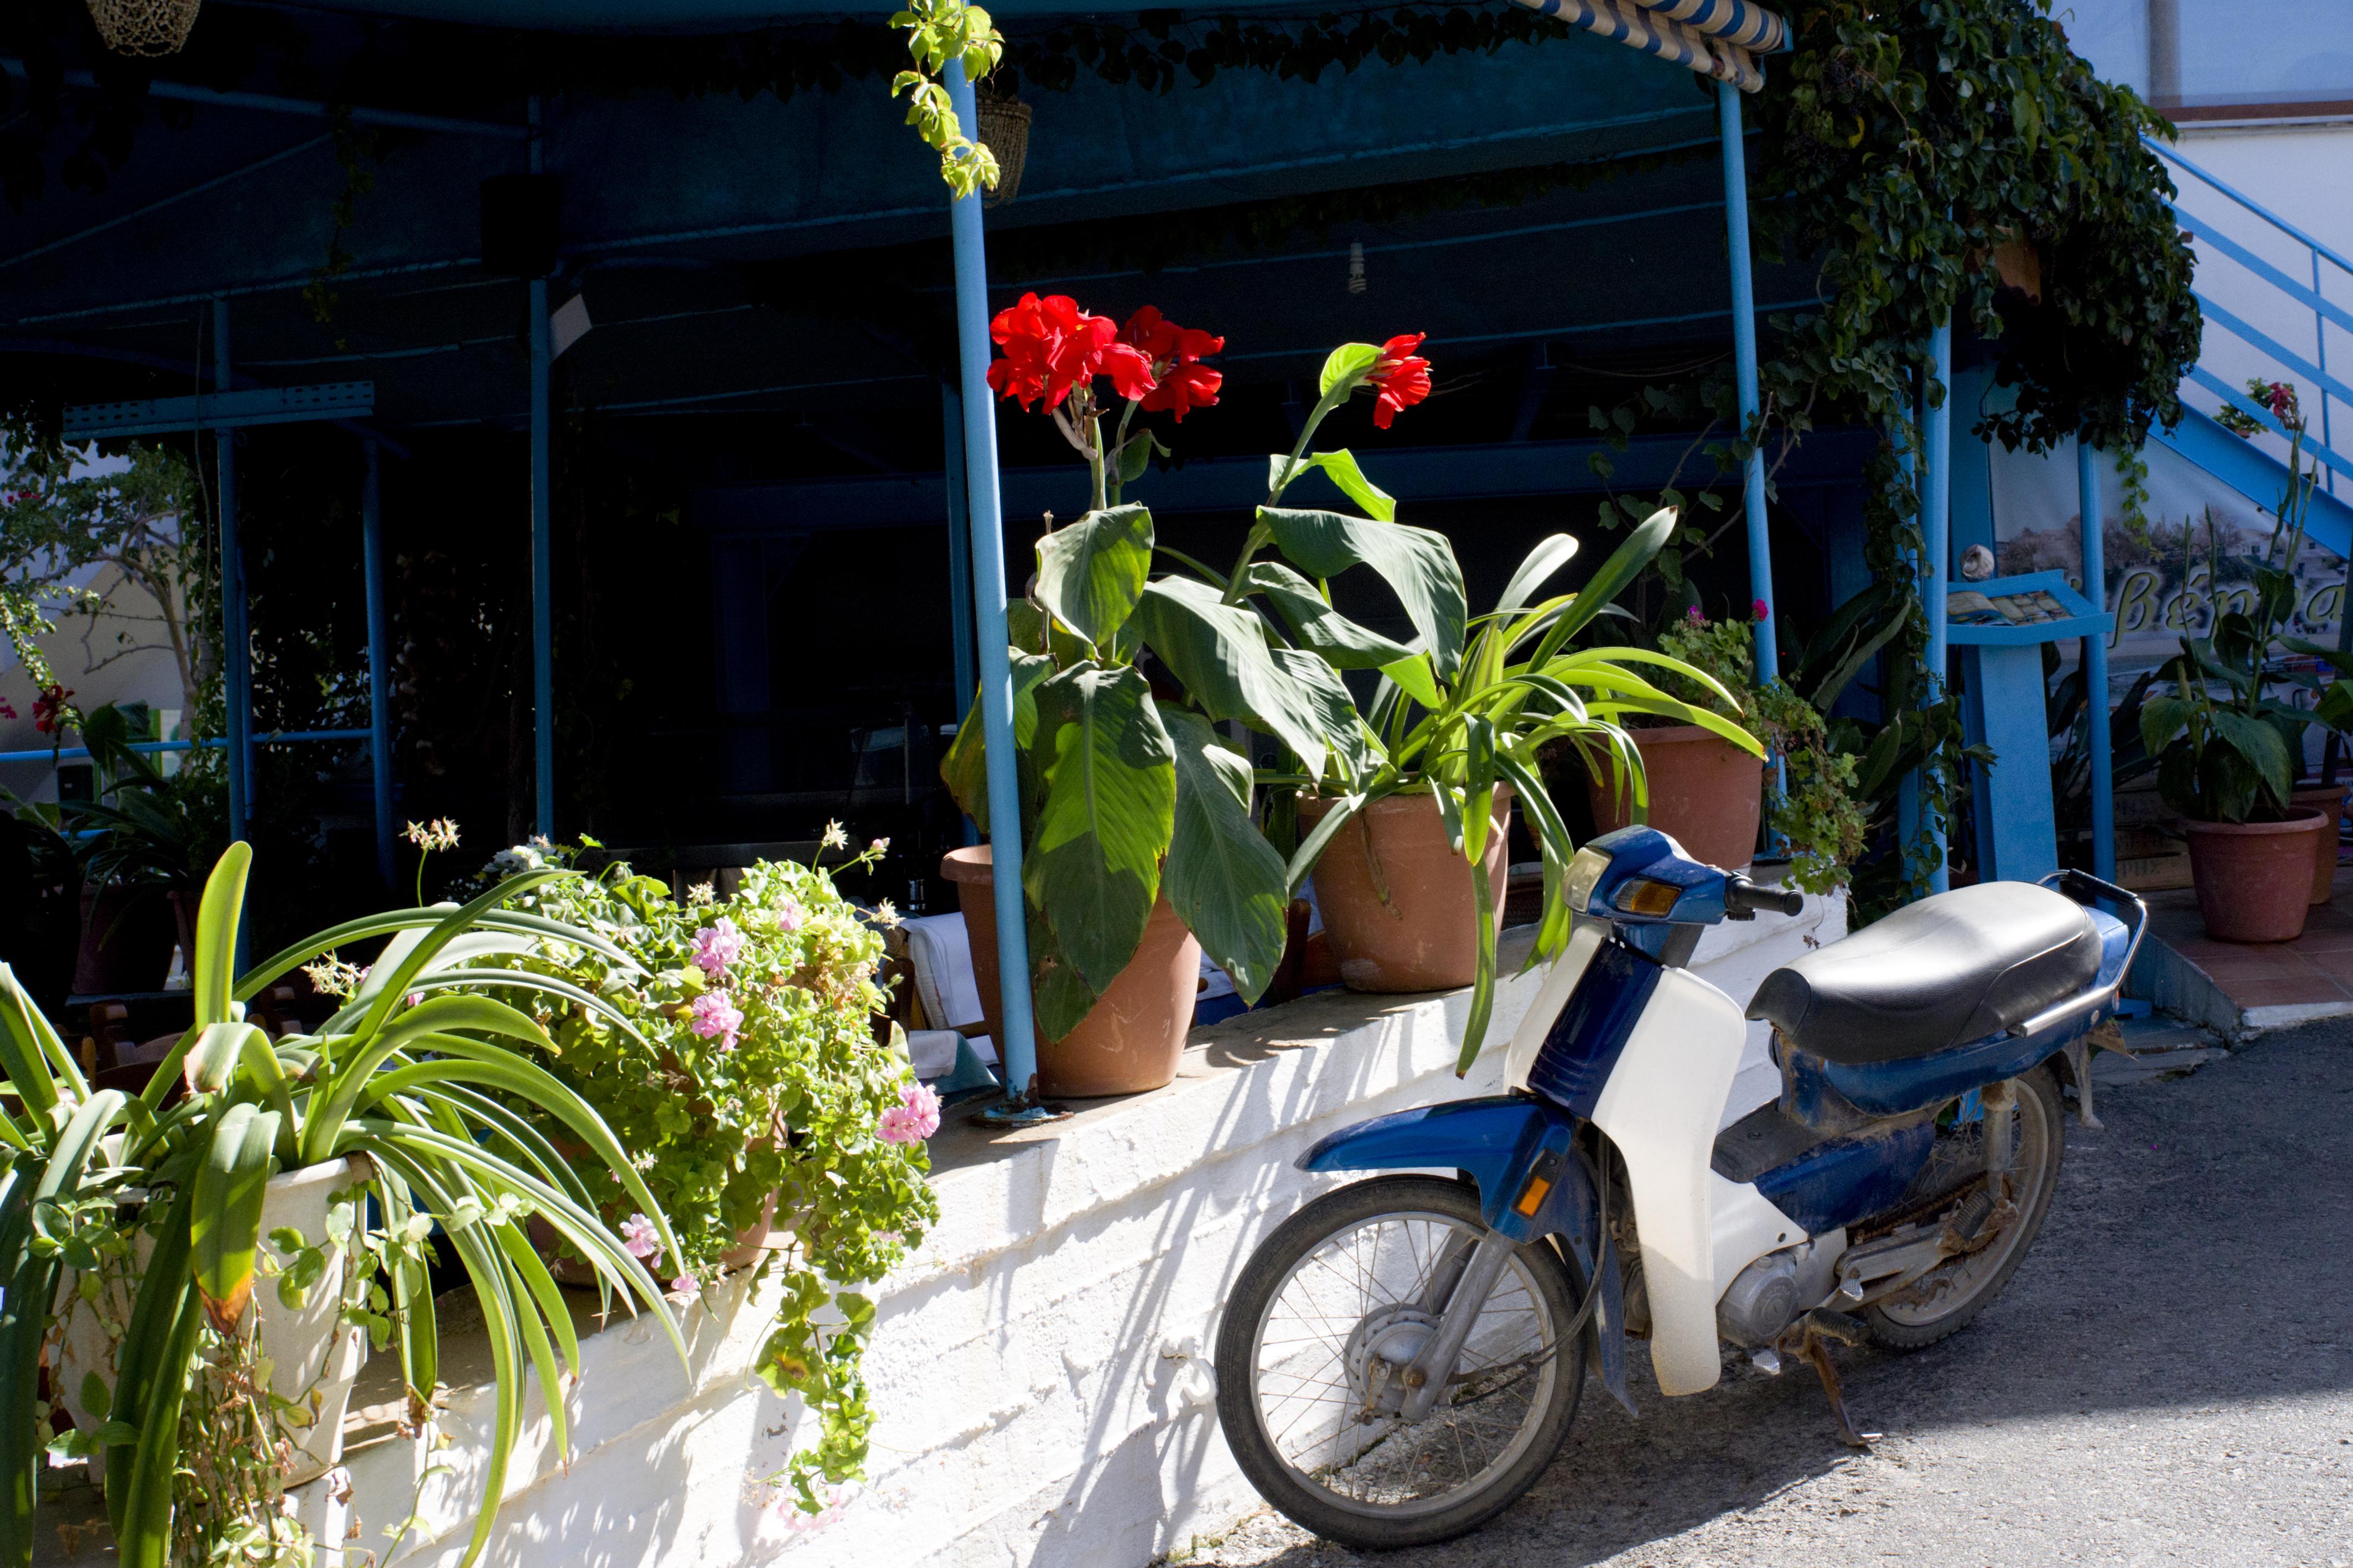 Цветы и  мотоцикл